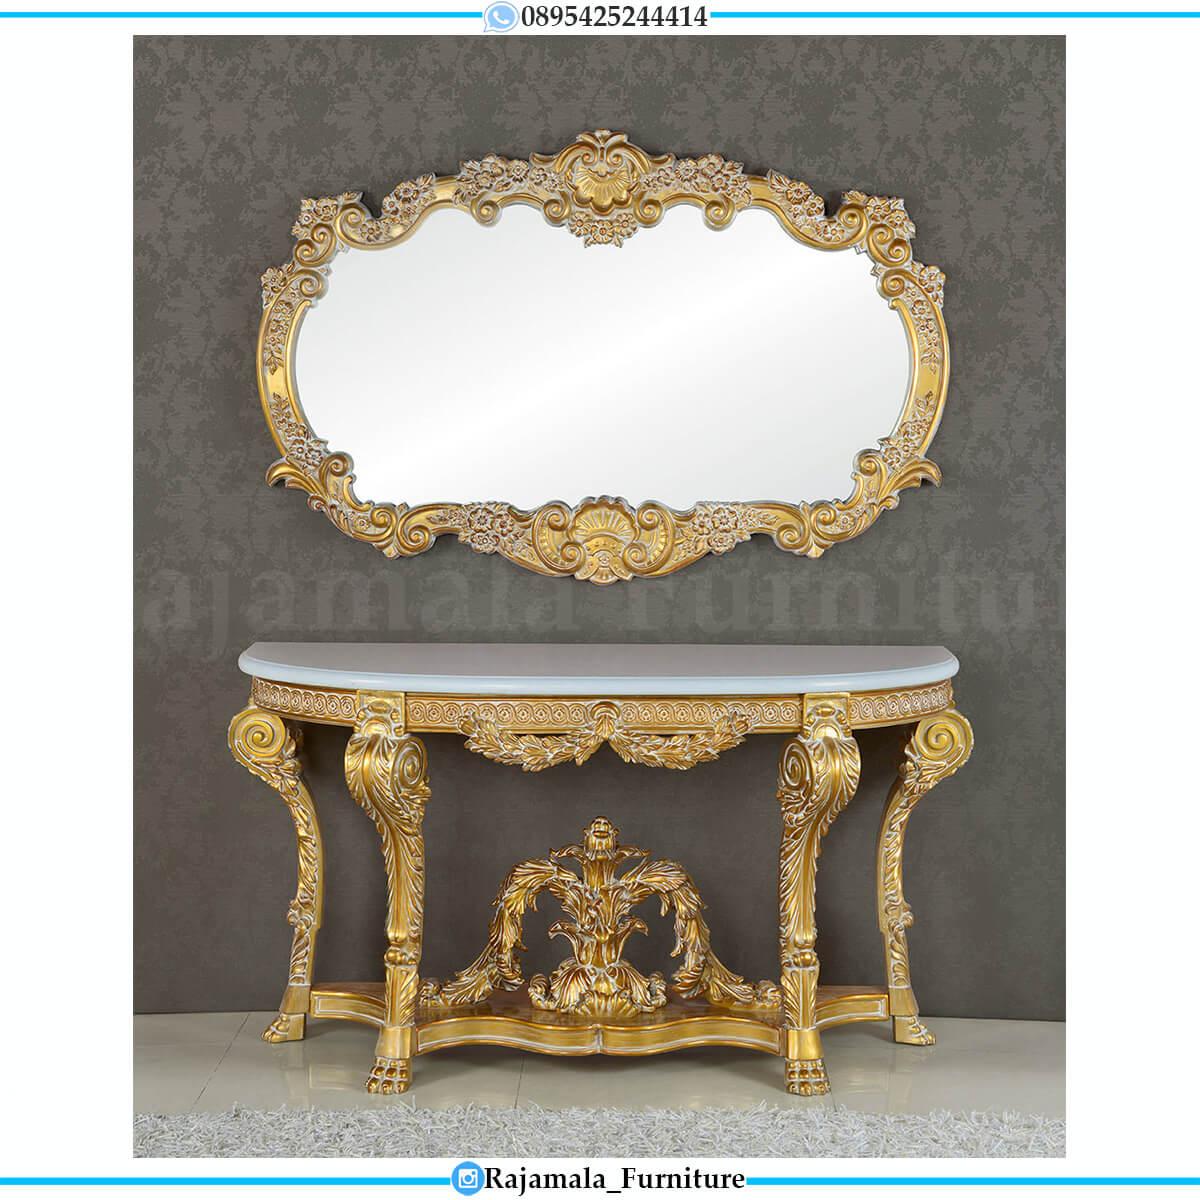 Jual Meja Konsol Mewah Jepara Luxurious Set Best Seller RM-0670